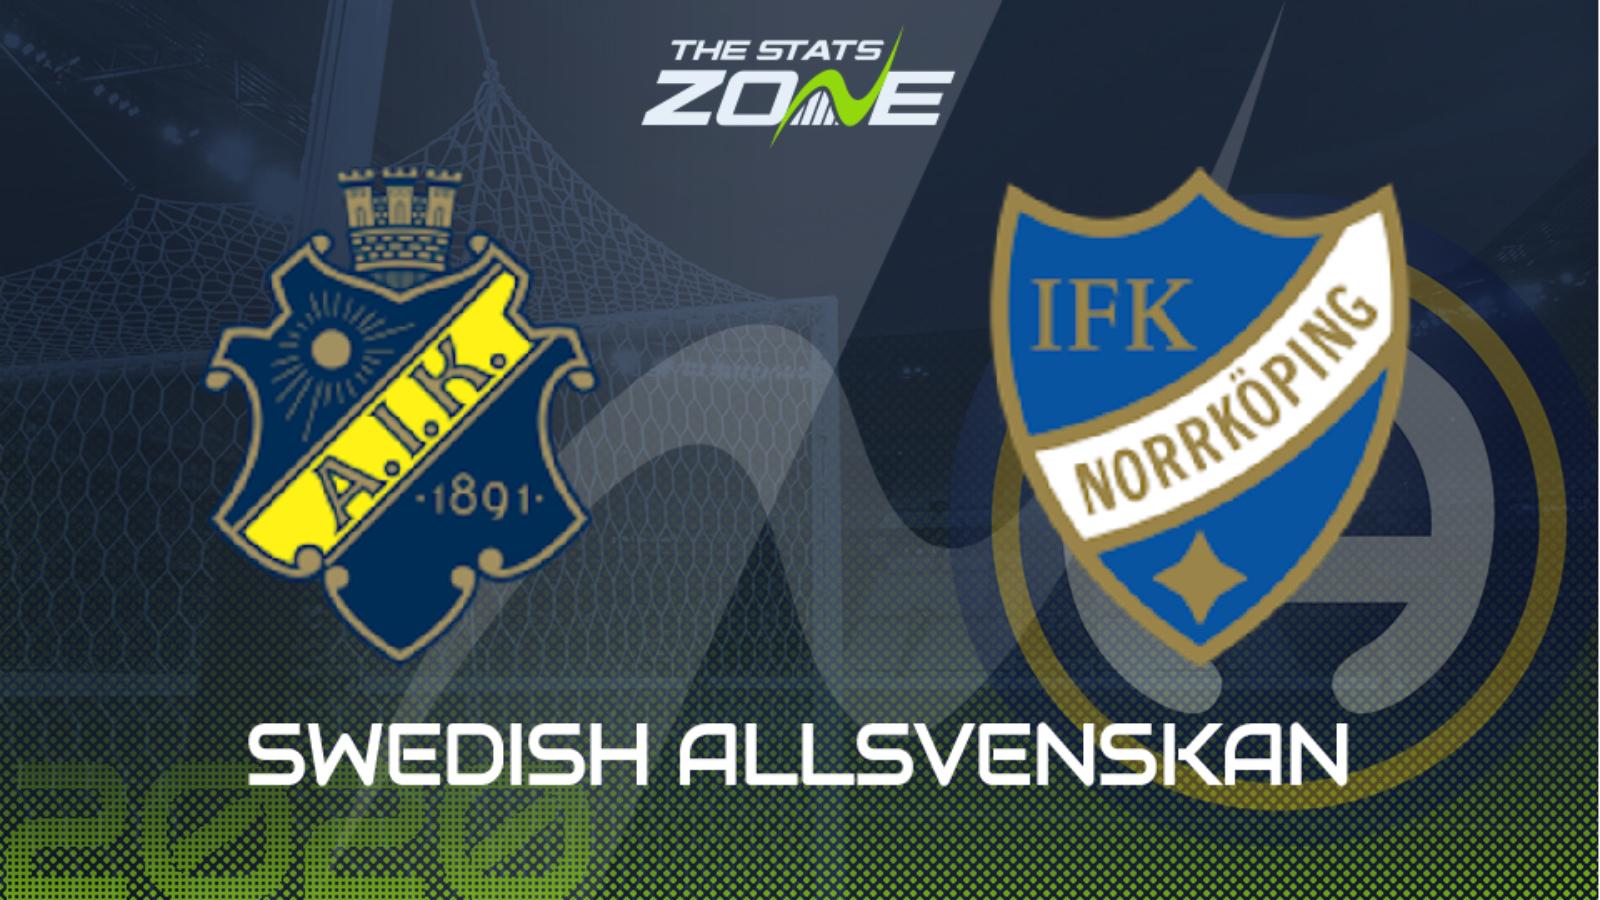 2020 Swedish Allsvenskan Aik Vs Norrkoping Preview Prediction The Stats Zone